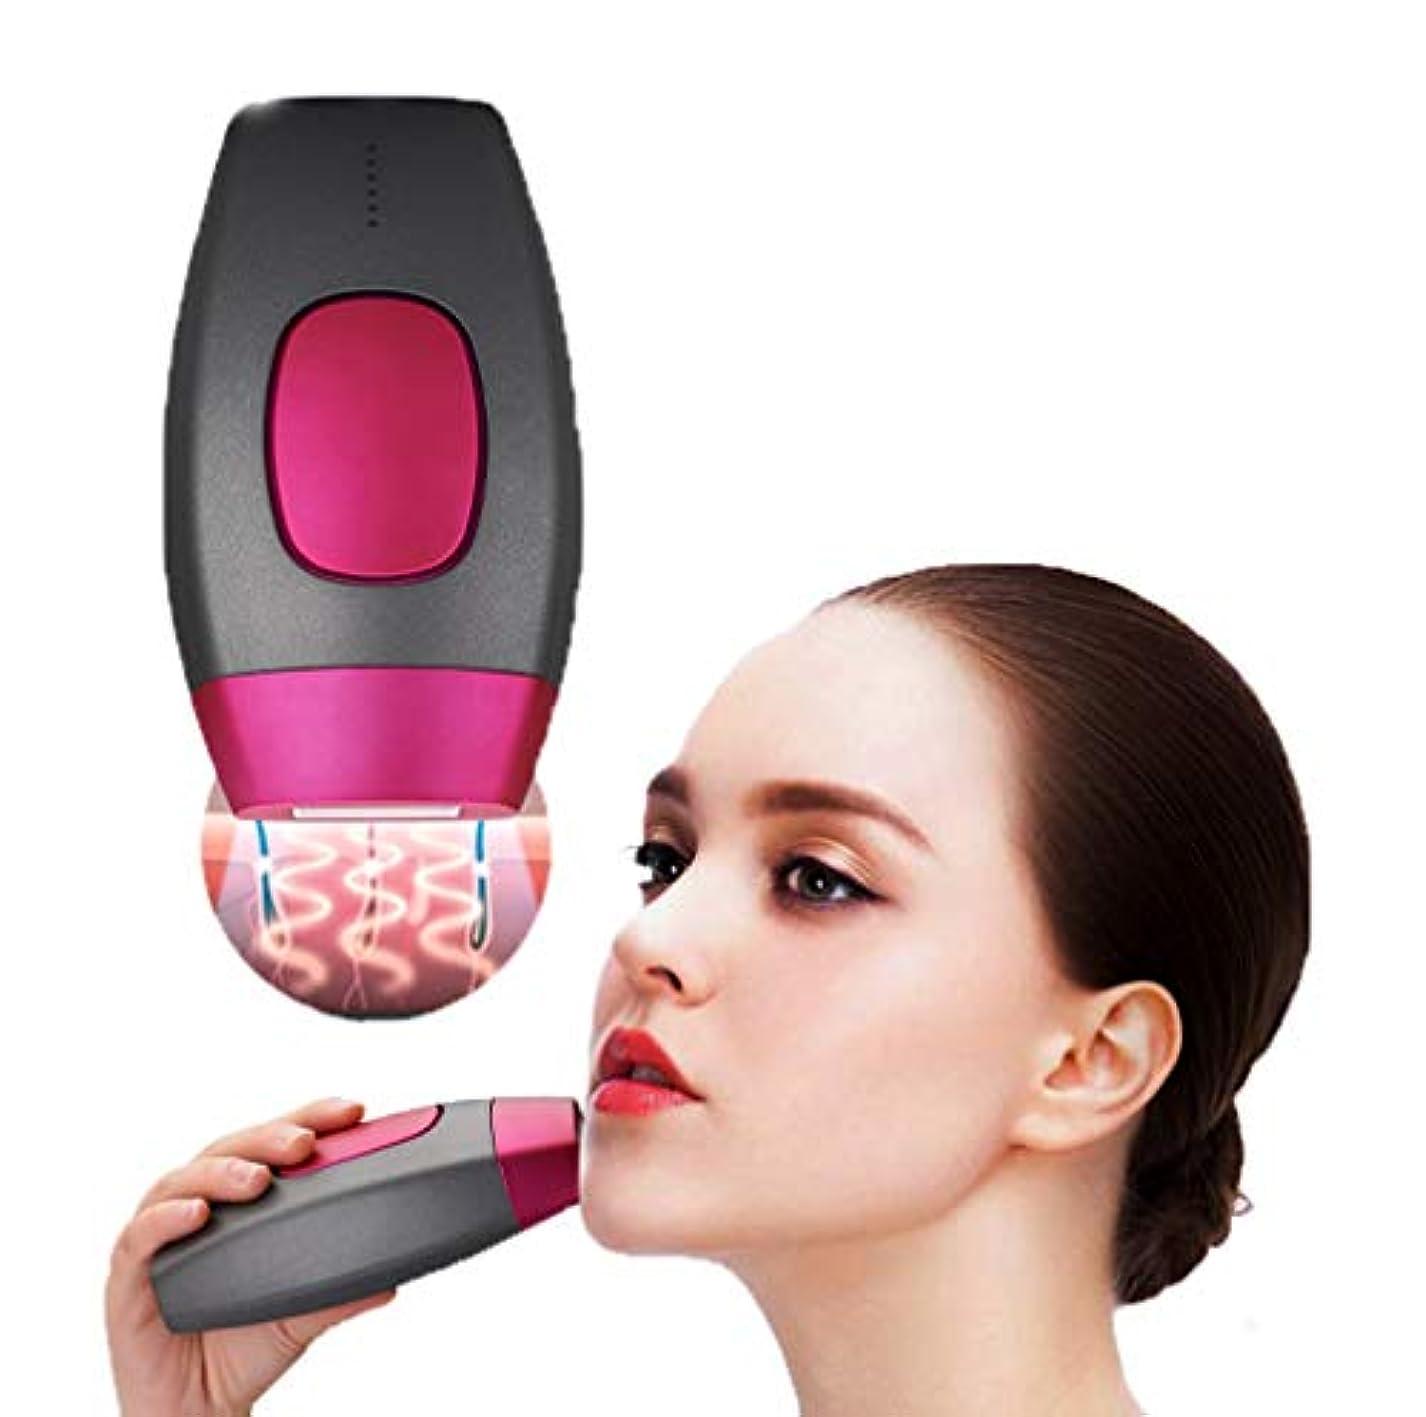 十分なインディカティッシュ女性の男性の体の顔とビキニの家庭用ライトシステム痛みのない美容デバイスでのレーザー脱毛